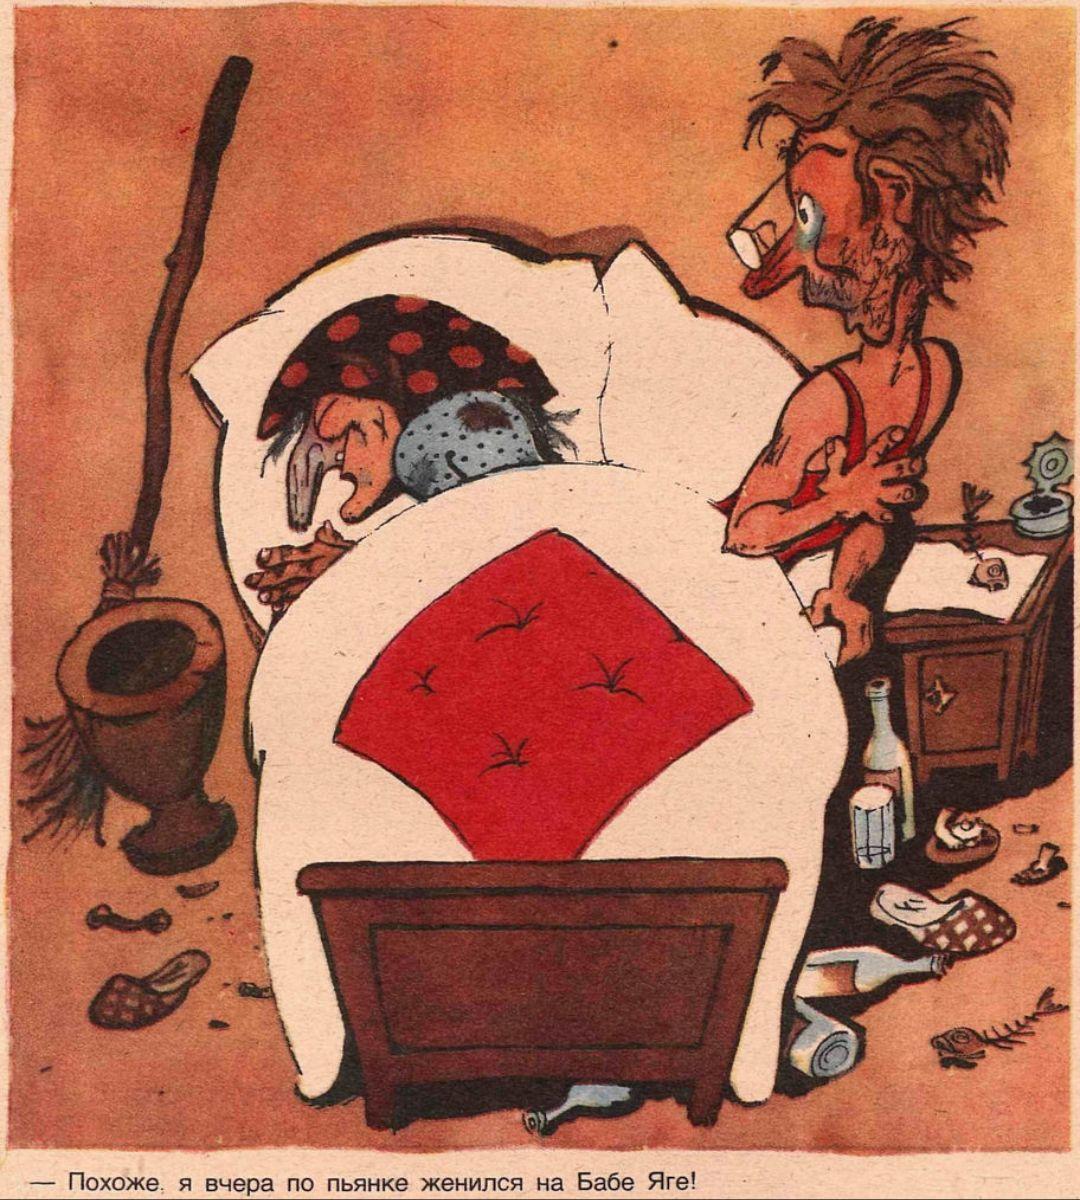 Карикатура из журнала «Крокодил». Сентябрь 1985 г. Из частной коллекции.